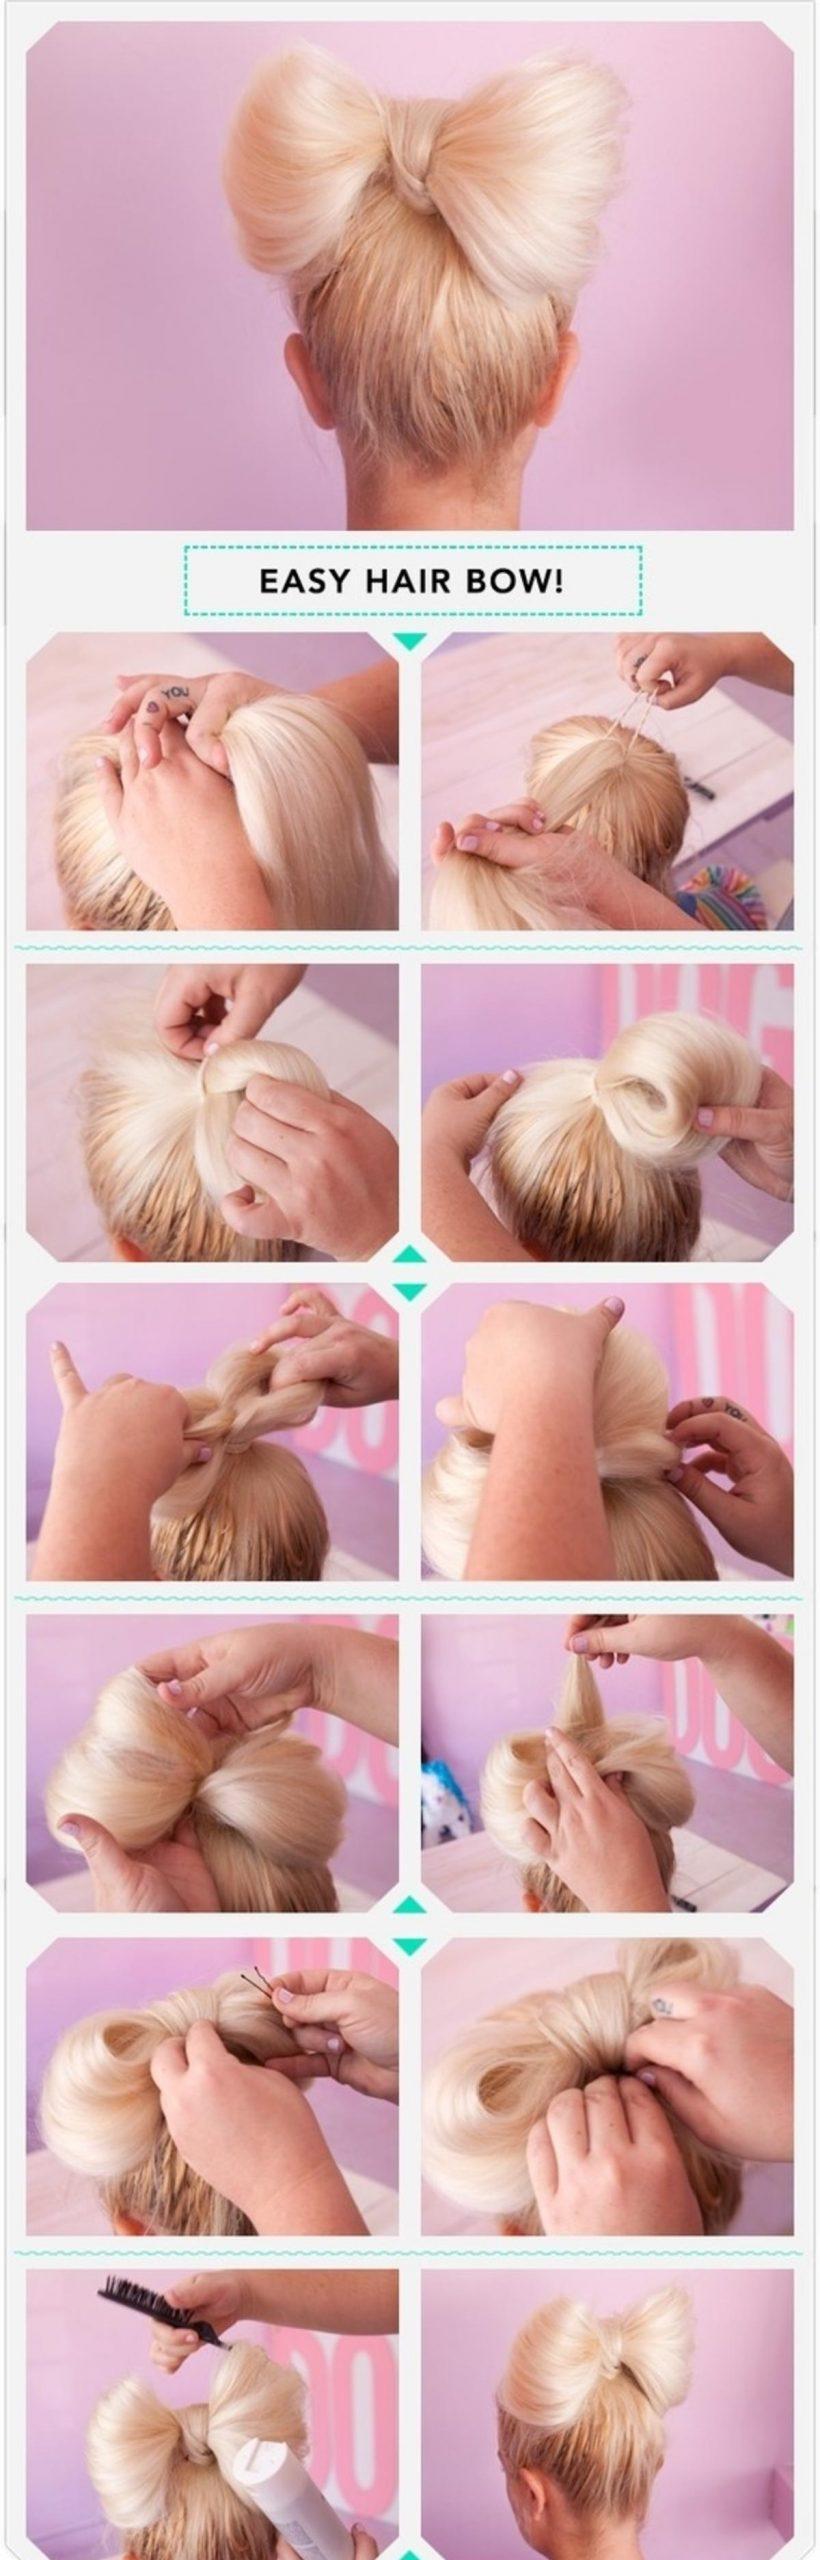 Φιόγκος στα μαλλιά για την Πρωτοχρονιά χτένισμα βήμα βήμα